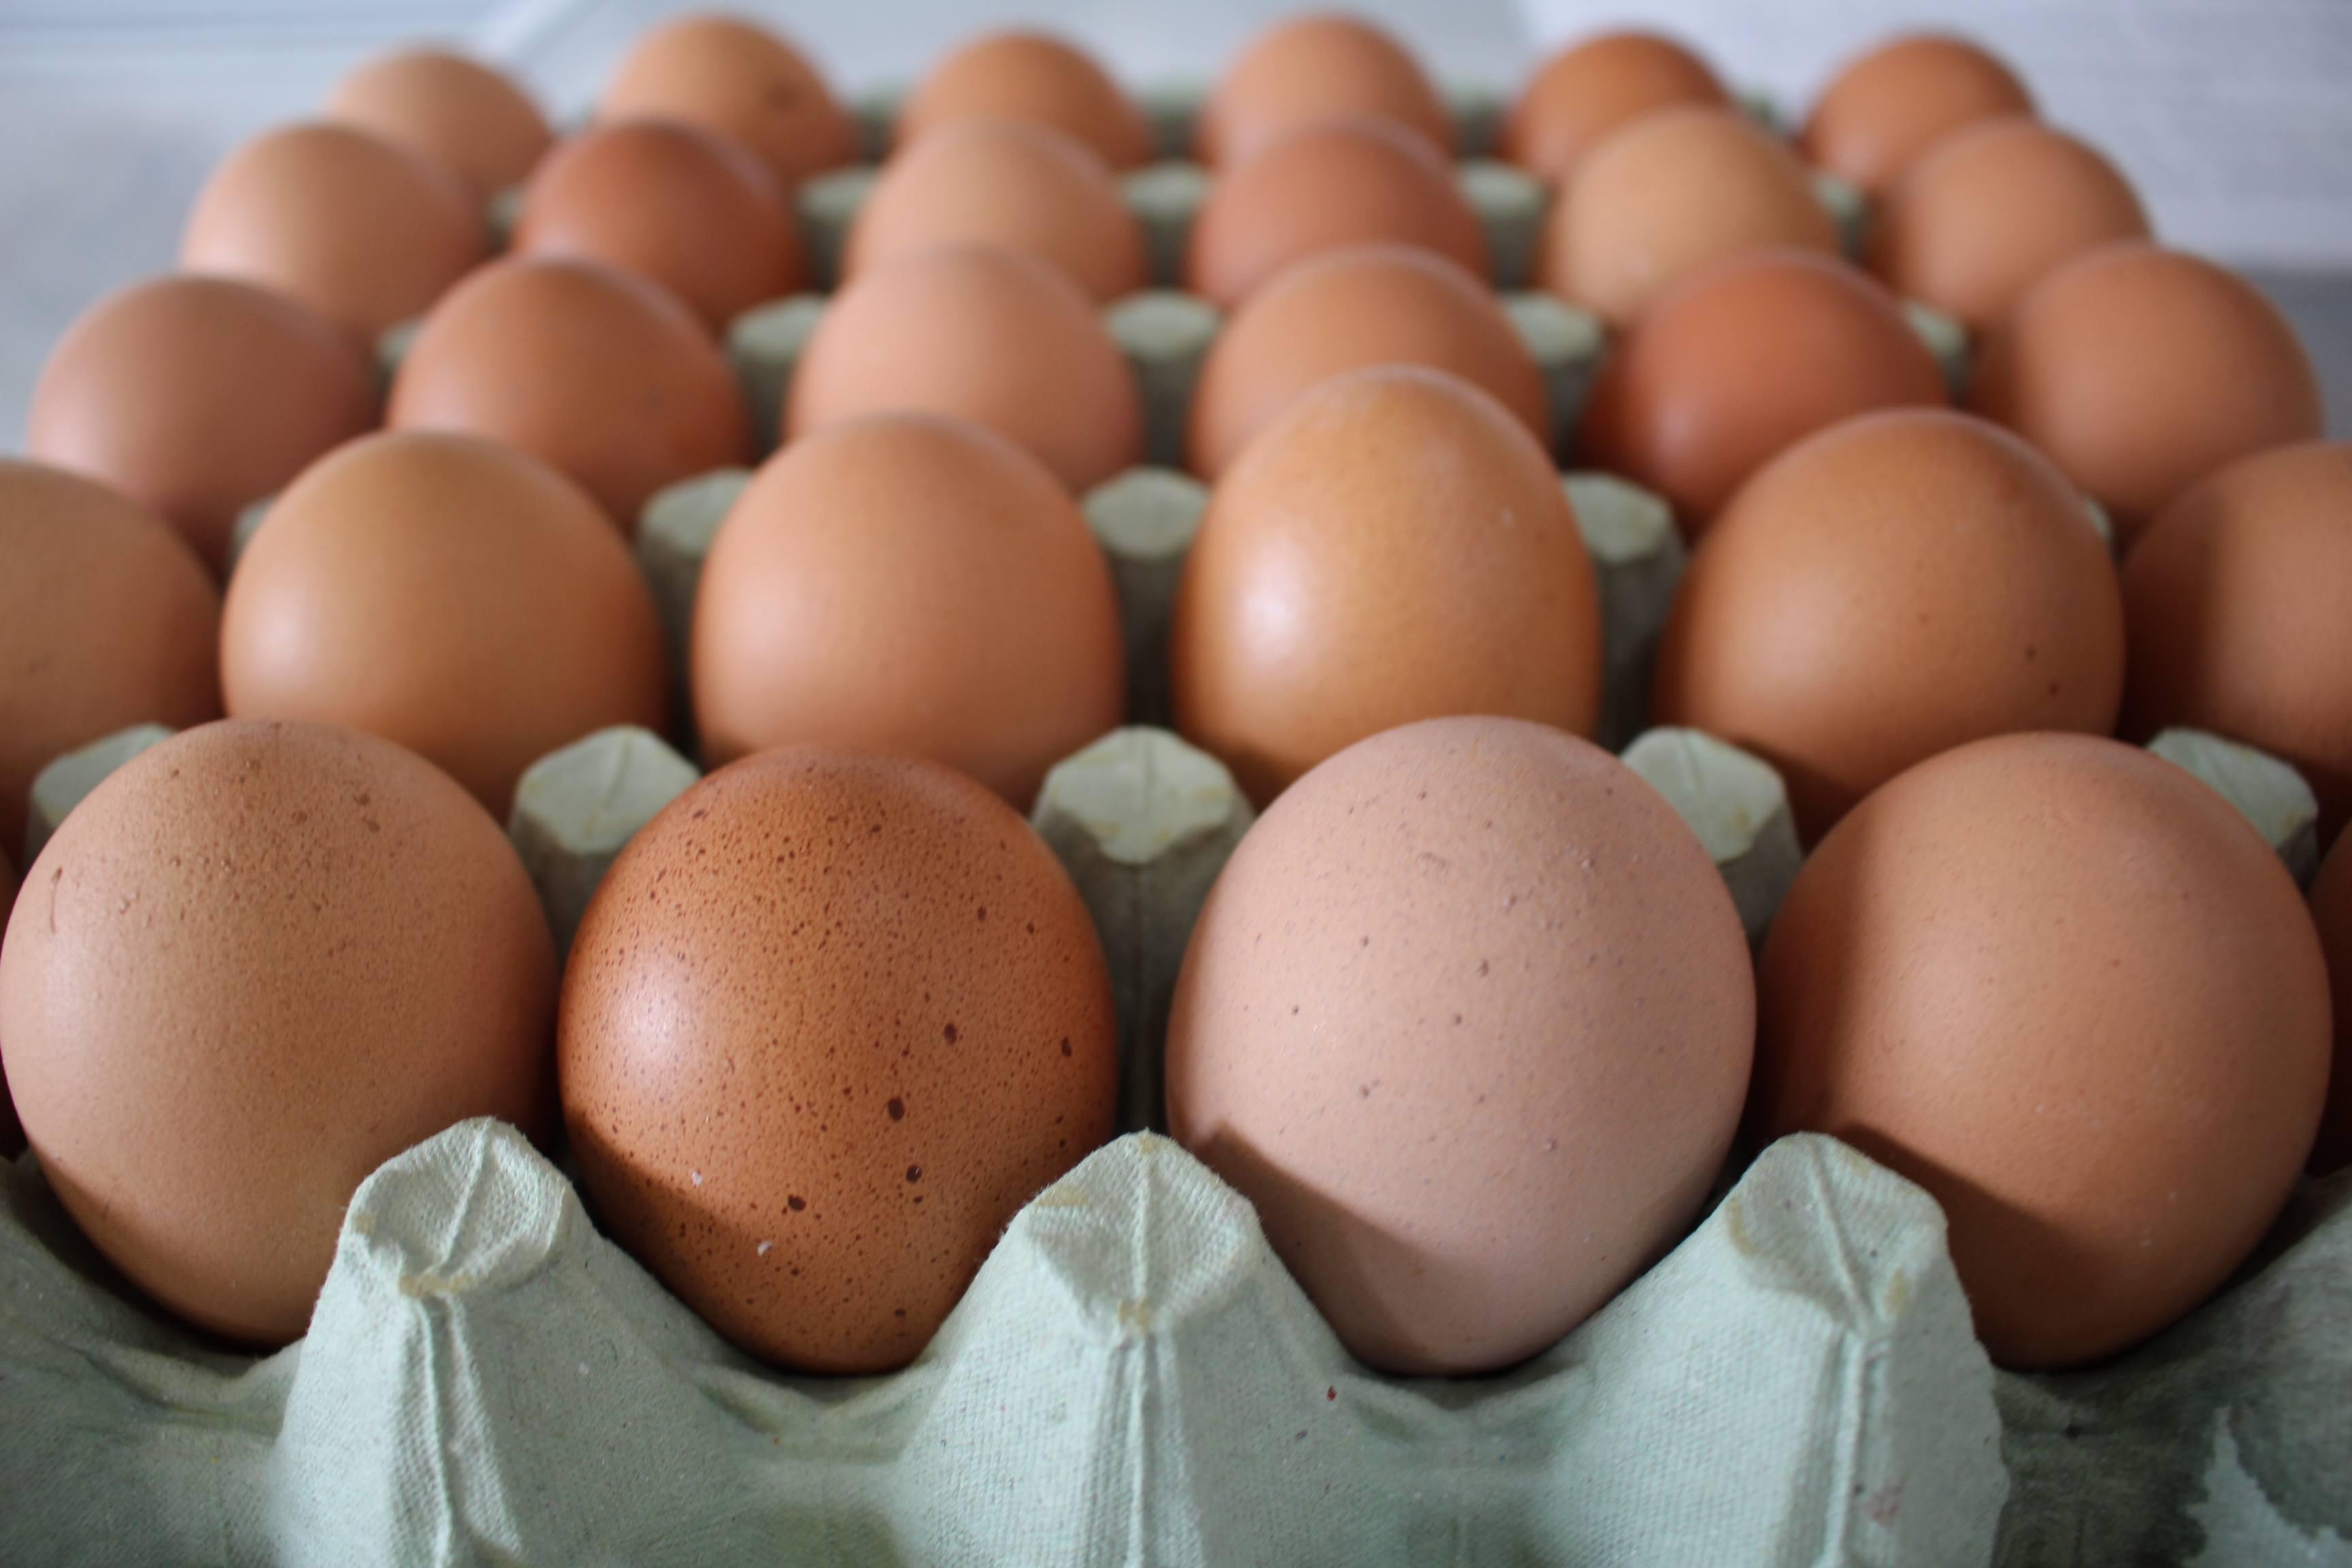 Eggs k